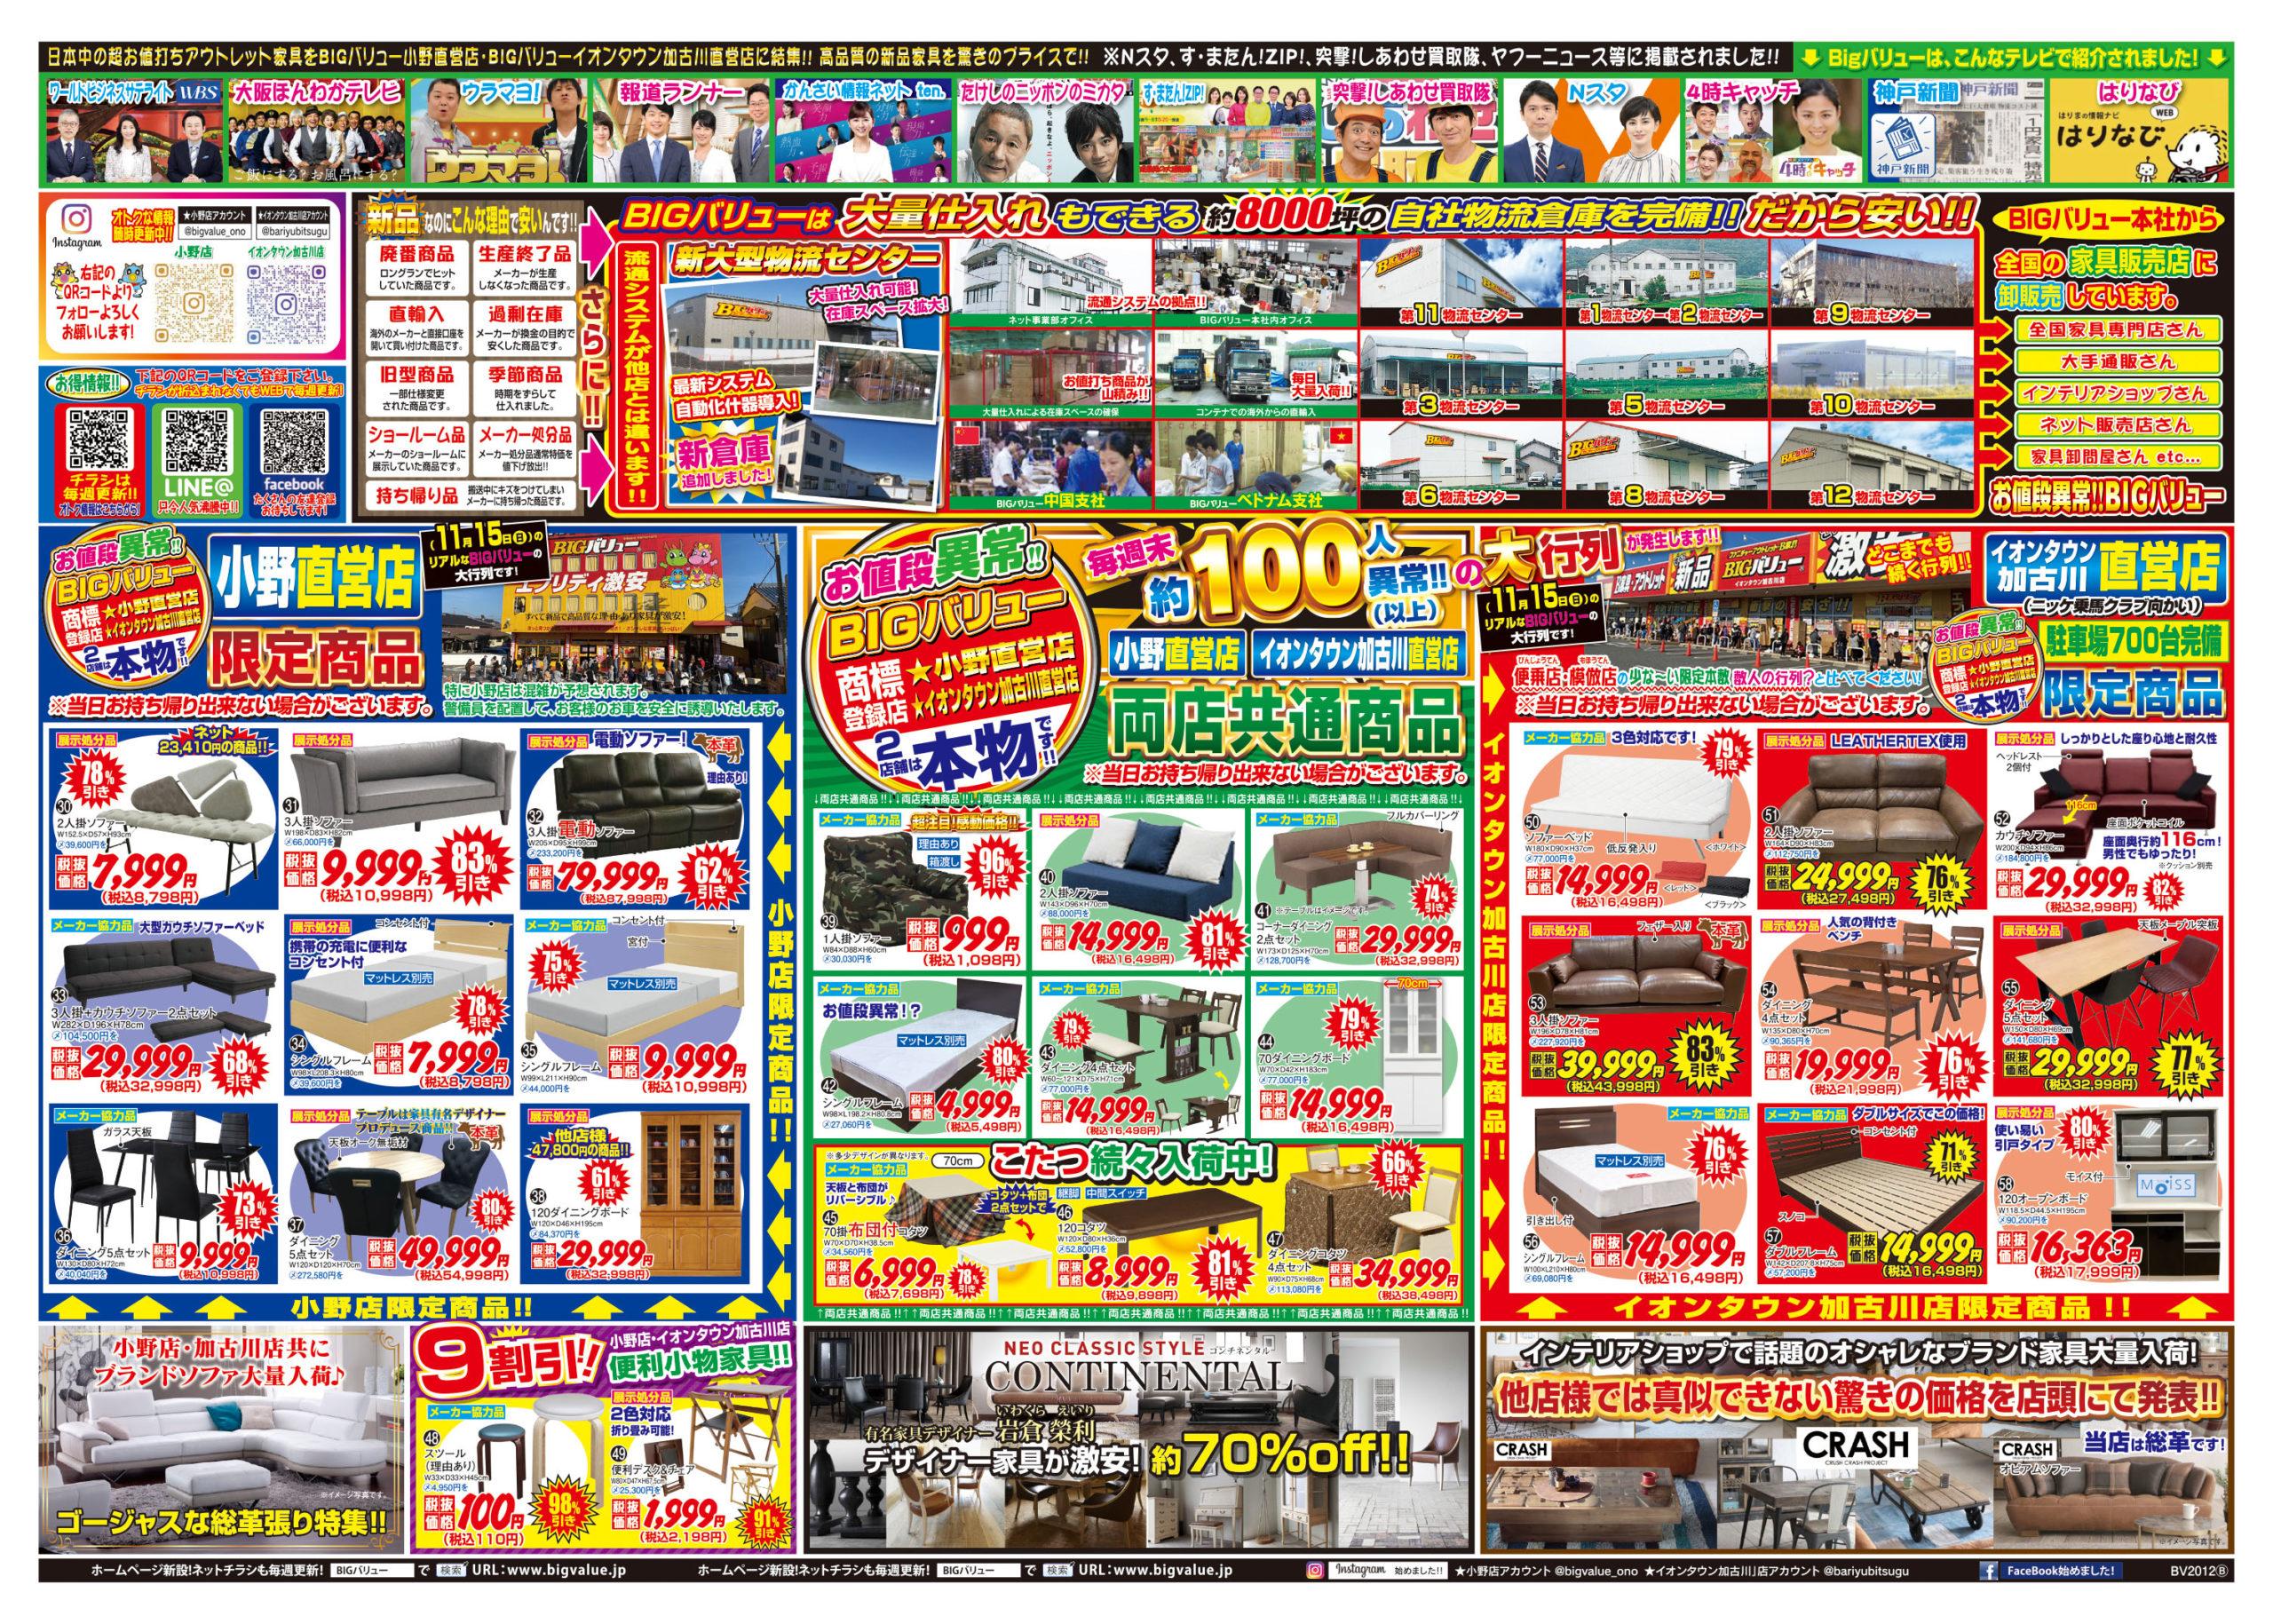 チラシ情報2020年11月21日~11月27日 小野店/イオンタウン加古川店